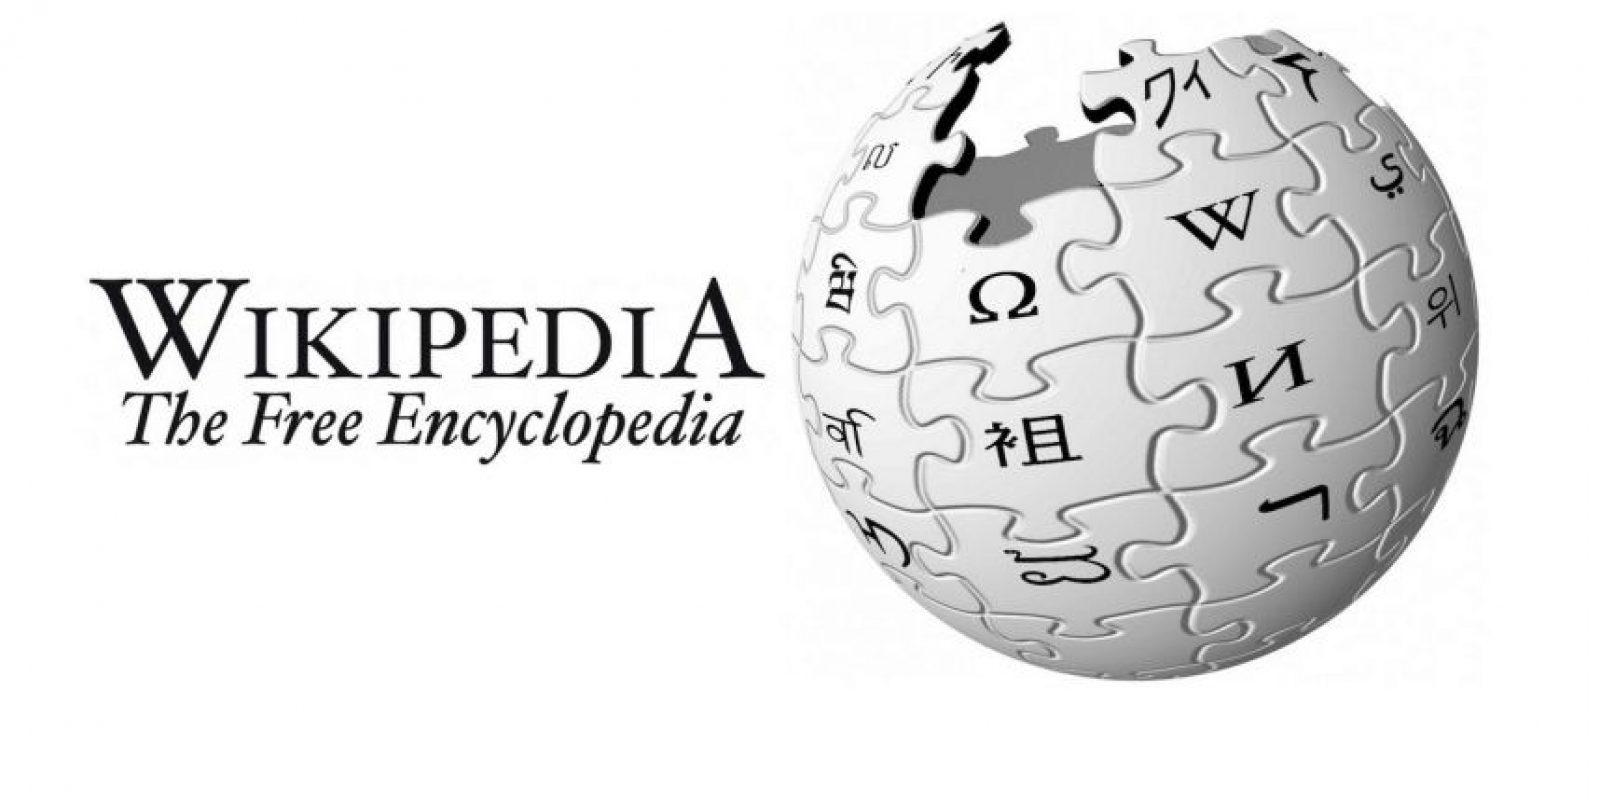 La enciclopedia gratuita más grande del mundo invita a que todos cooperen en la plataforma. Foto:Wikipedia